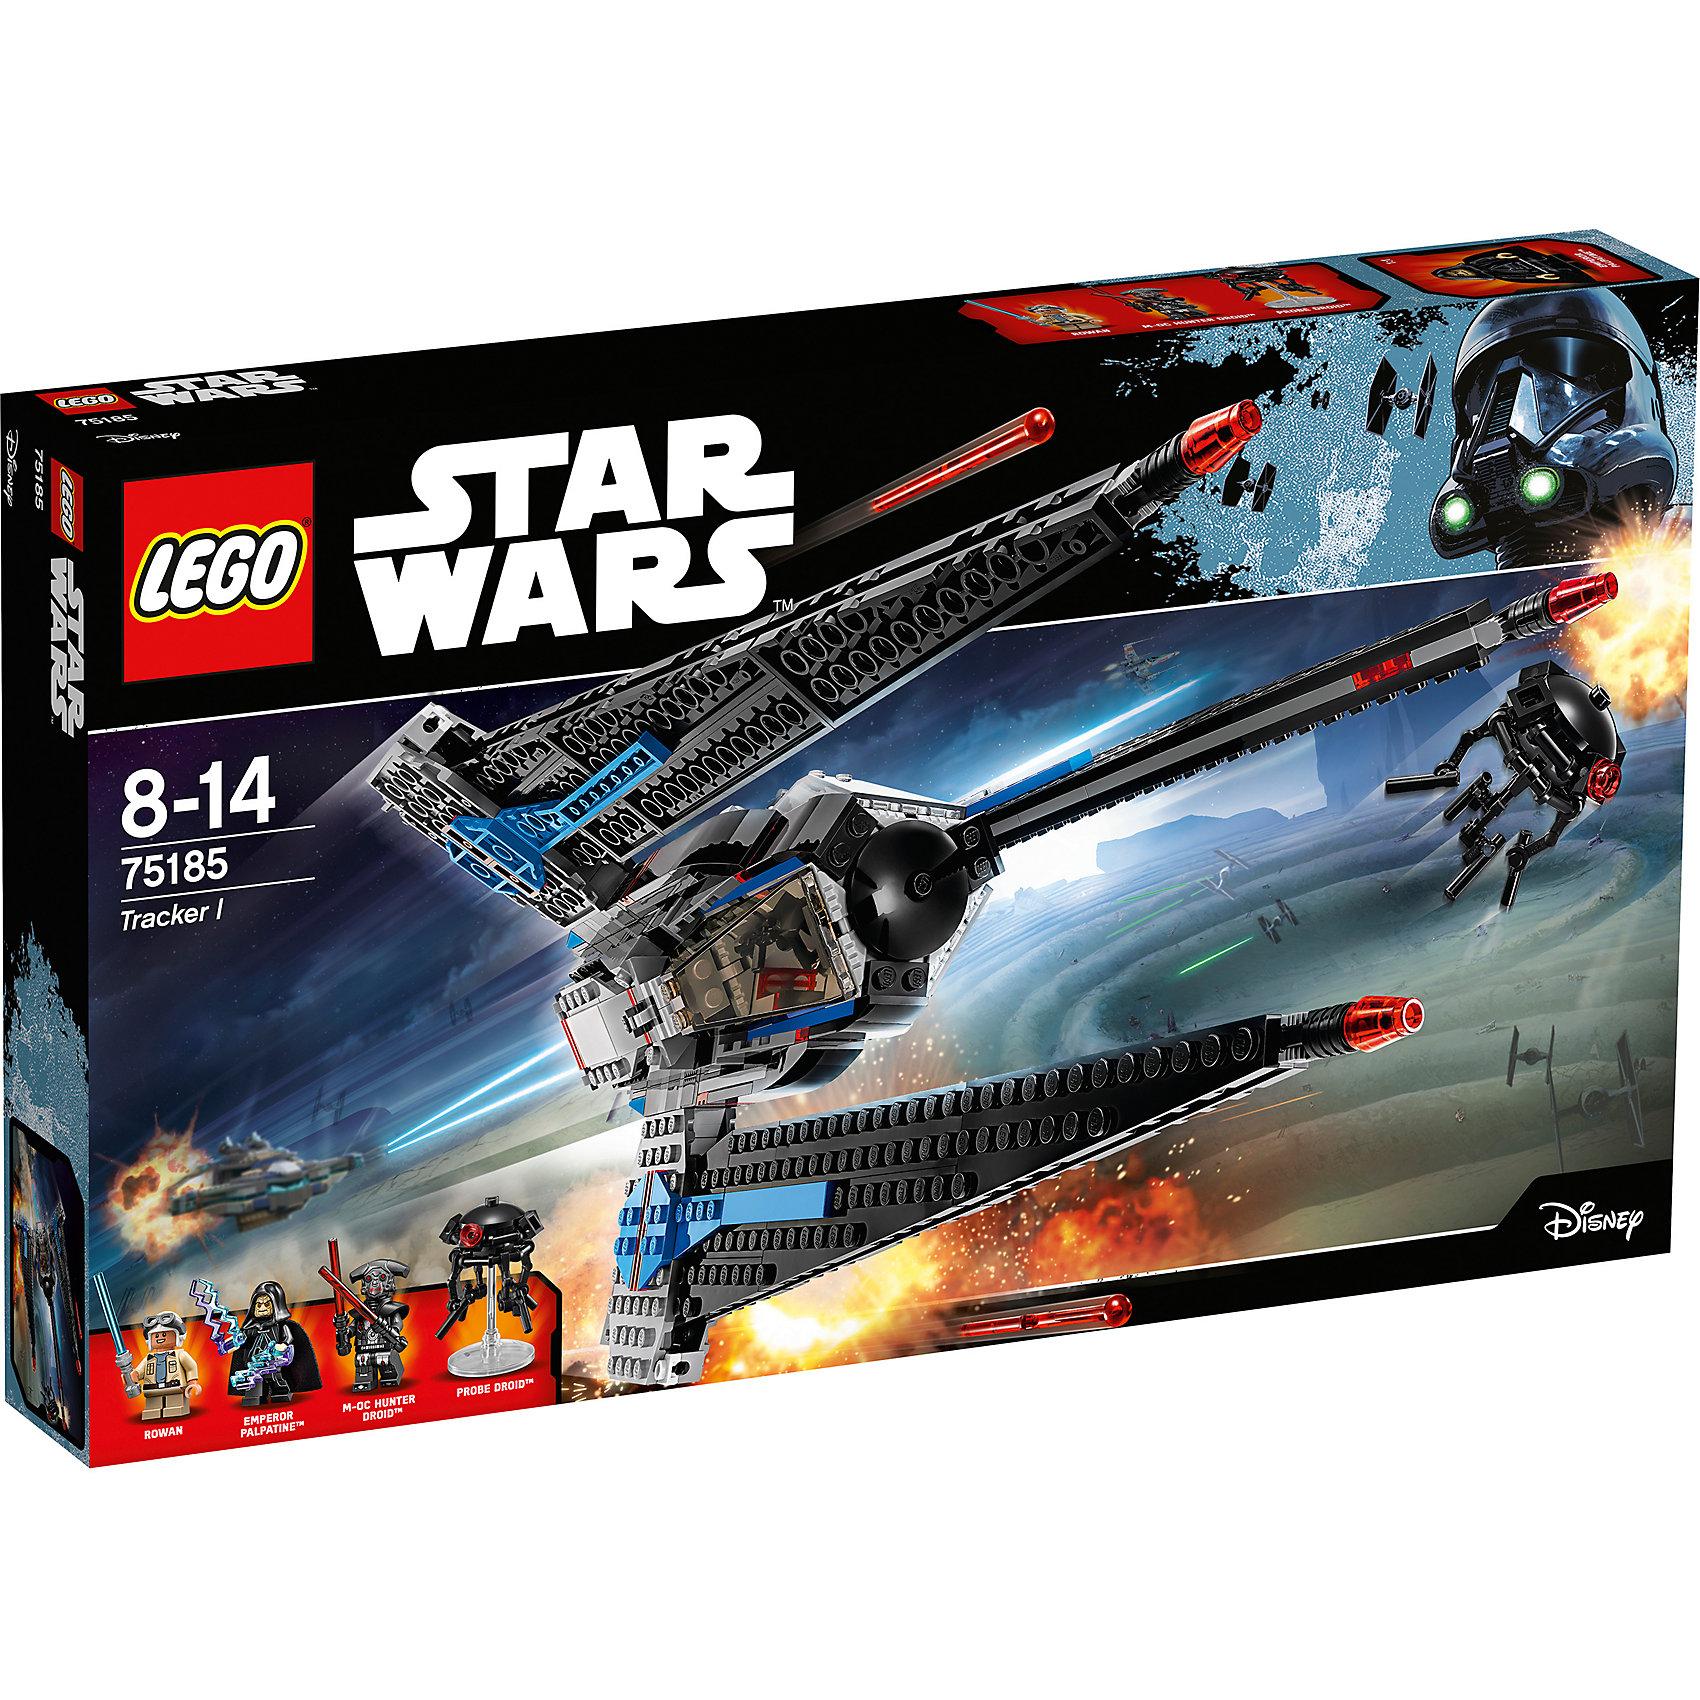 Конструктор Lego Star Wars 75185: Исследователь IПластмассовые конструкторы<br>Характеристики товара:<br><br>• возраст: от 8 лет;<br>• материал: пластик;<br>• в комплекте: 557 деталей;<br>• количество минифигурок: 4;<br>• размер упаковки: 48х28,2х6,1 см;<br>• вес упаковки: 890 гр.;<br>• страна производитель: Чехия.<br><br>Конструктор Lego Star Wars «Исследователь I» создан по мотивам мультсериала «Приключения Фримейкеров». Рован Фримейкер сражается на стороне повстанцев. Он возит на своем корабле Исследователь I боеприпасы. А имперские дроиды ведут охоту на Рована. <br><br>Из элементов конструктора предстоит собрать 4 фигурки персонажей и корабль. Все детали выполнены из качественных безопасных материалов. В процессе сборки конструктора у детей развиваются мелкая моторика рук, усидчивость, логическое мышление.<br><br>Конструктор Lego Star Wars «Исследователь I» можно приобрести в нашем интернет-магазине.<br><br>Ширина мм: 480<br>Глубина мм: 282<br>Высота мм: 61<br>Вес г: 924<br>Возраст от месяцев: 96<br>Возраст до месяцев: 2147483647<br>Пол: Мужской<br>Возраст: Детский<br>SKU: 5619981